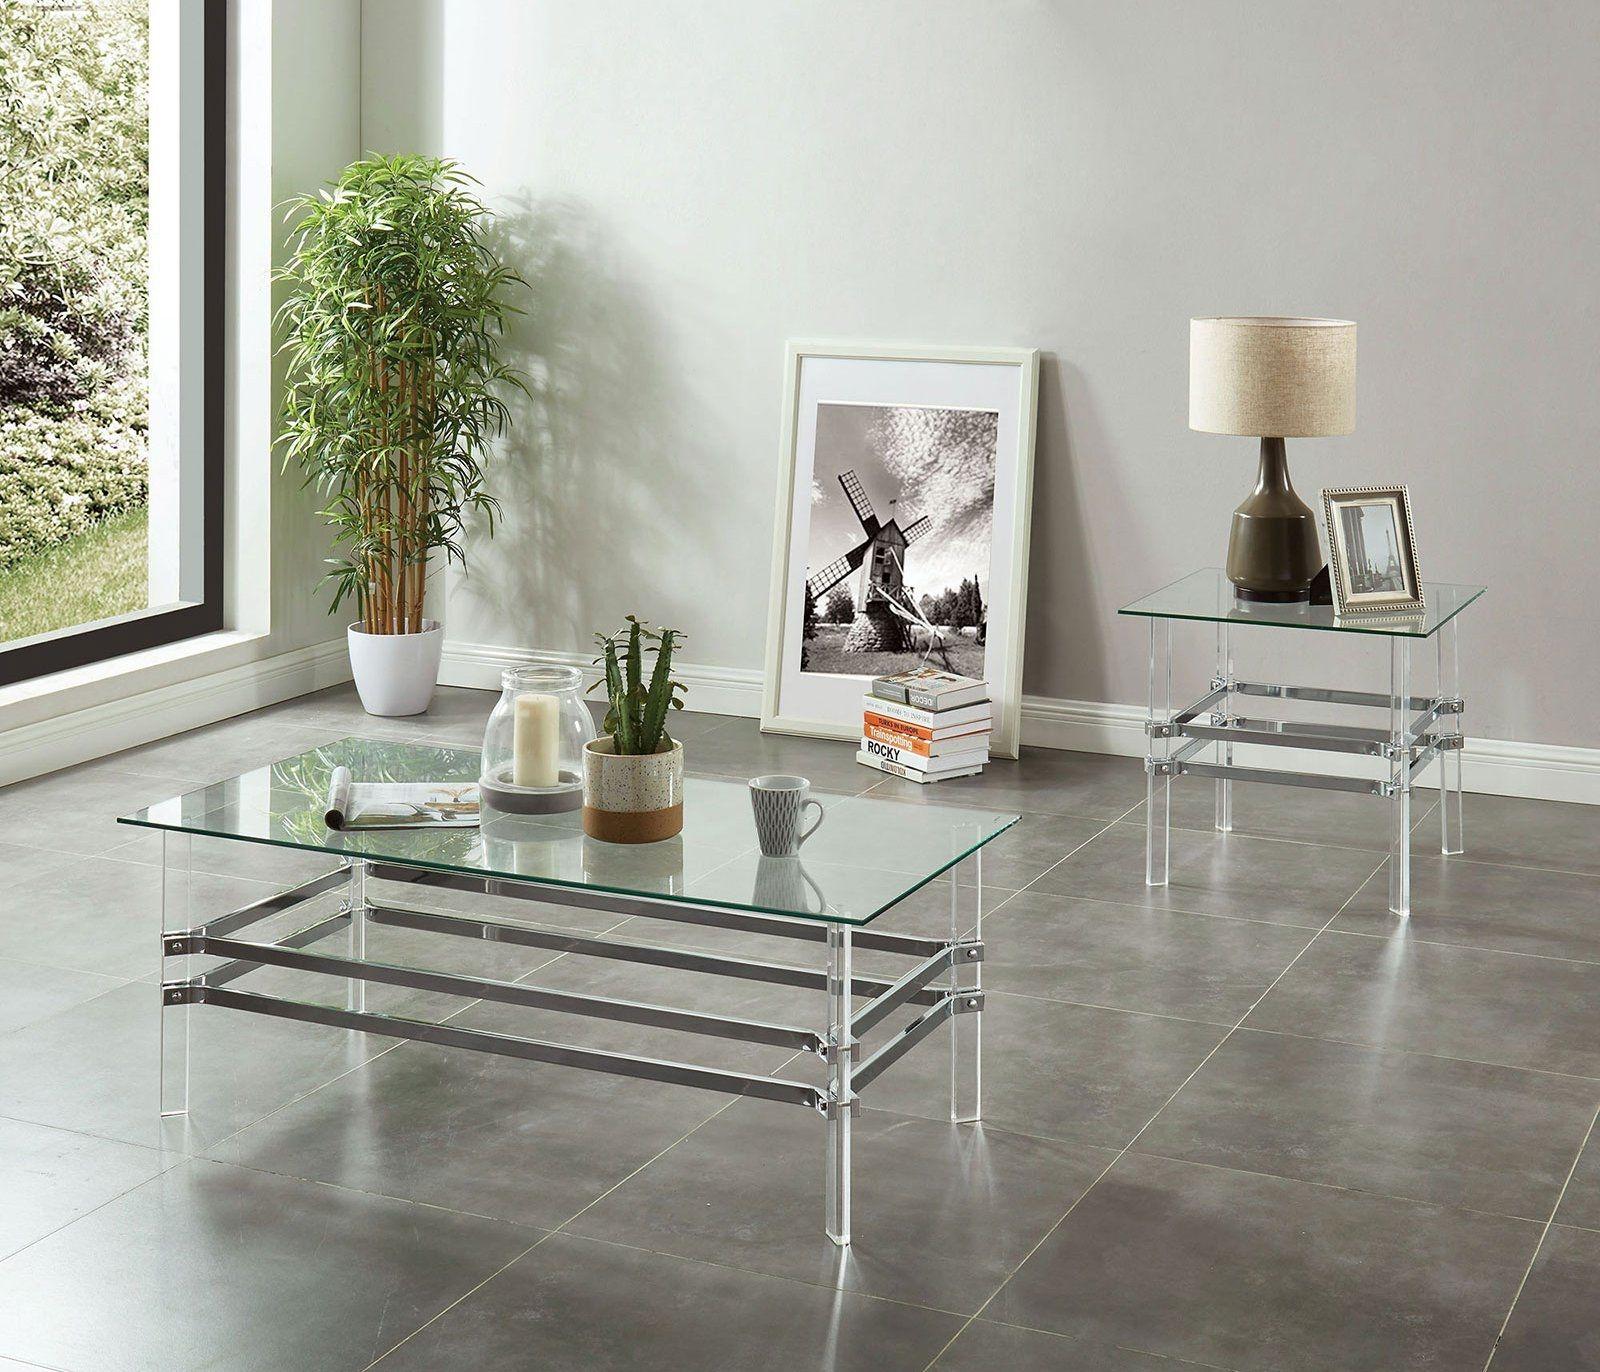 Trofa Coffee Table Cm4351c Furniture Of America Coffee Tables In 2021 Coffee Table Glass Top Coffee Table Furniture Of America [ 1372 x 1600 Pixel ]